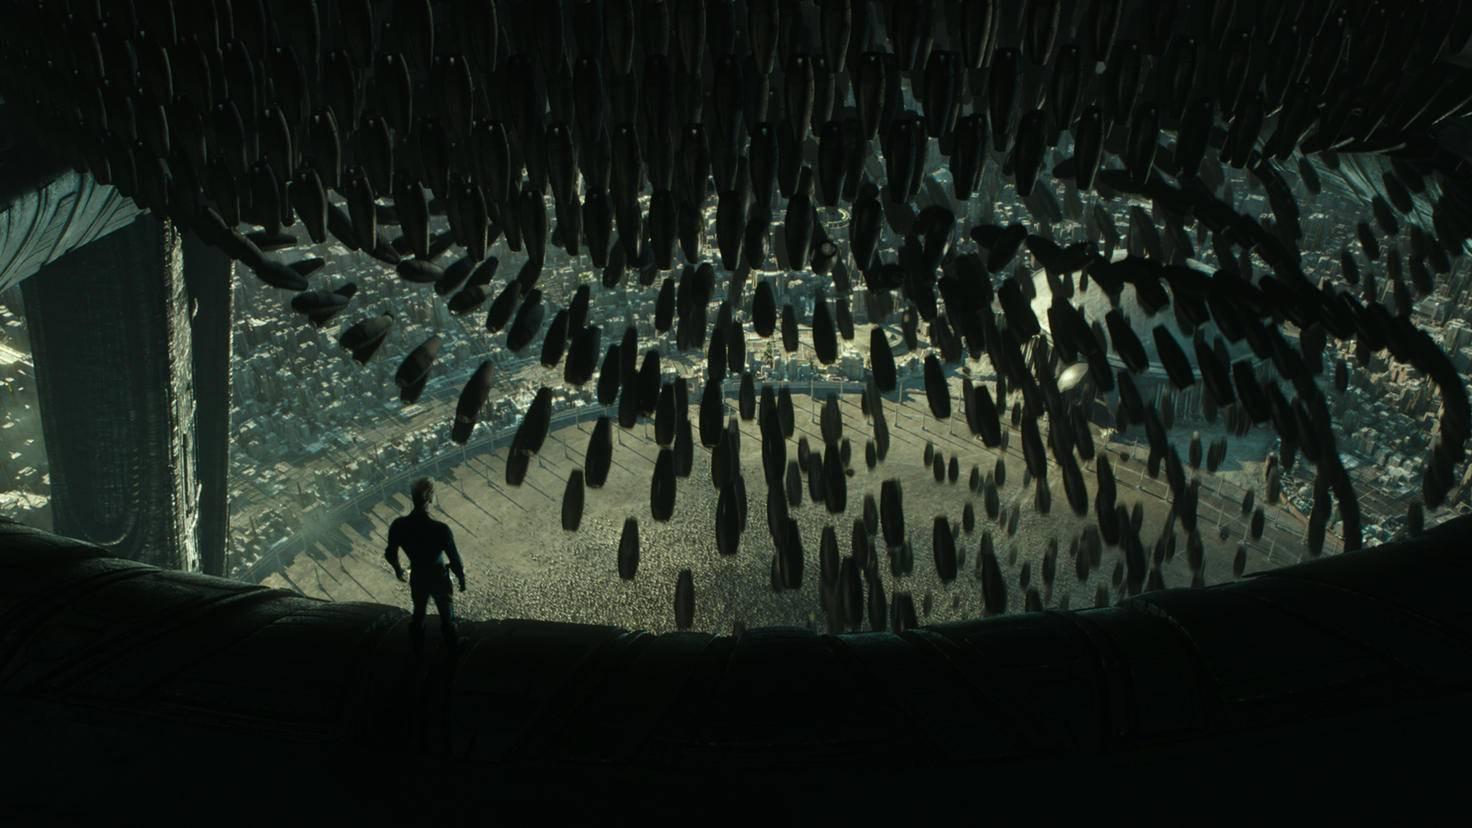 Nichts für Droiden mit Höhenangst: David blickt in die Tiefe auf eine ihm unbekannte Stadt.